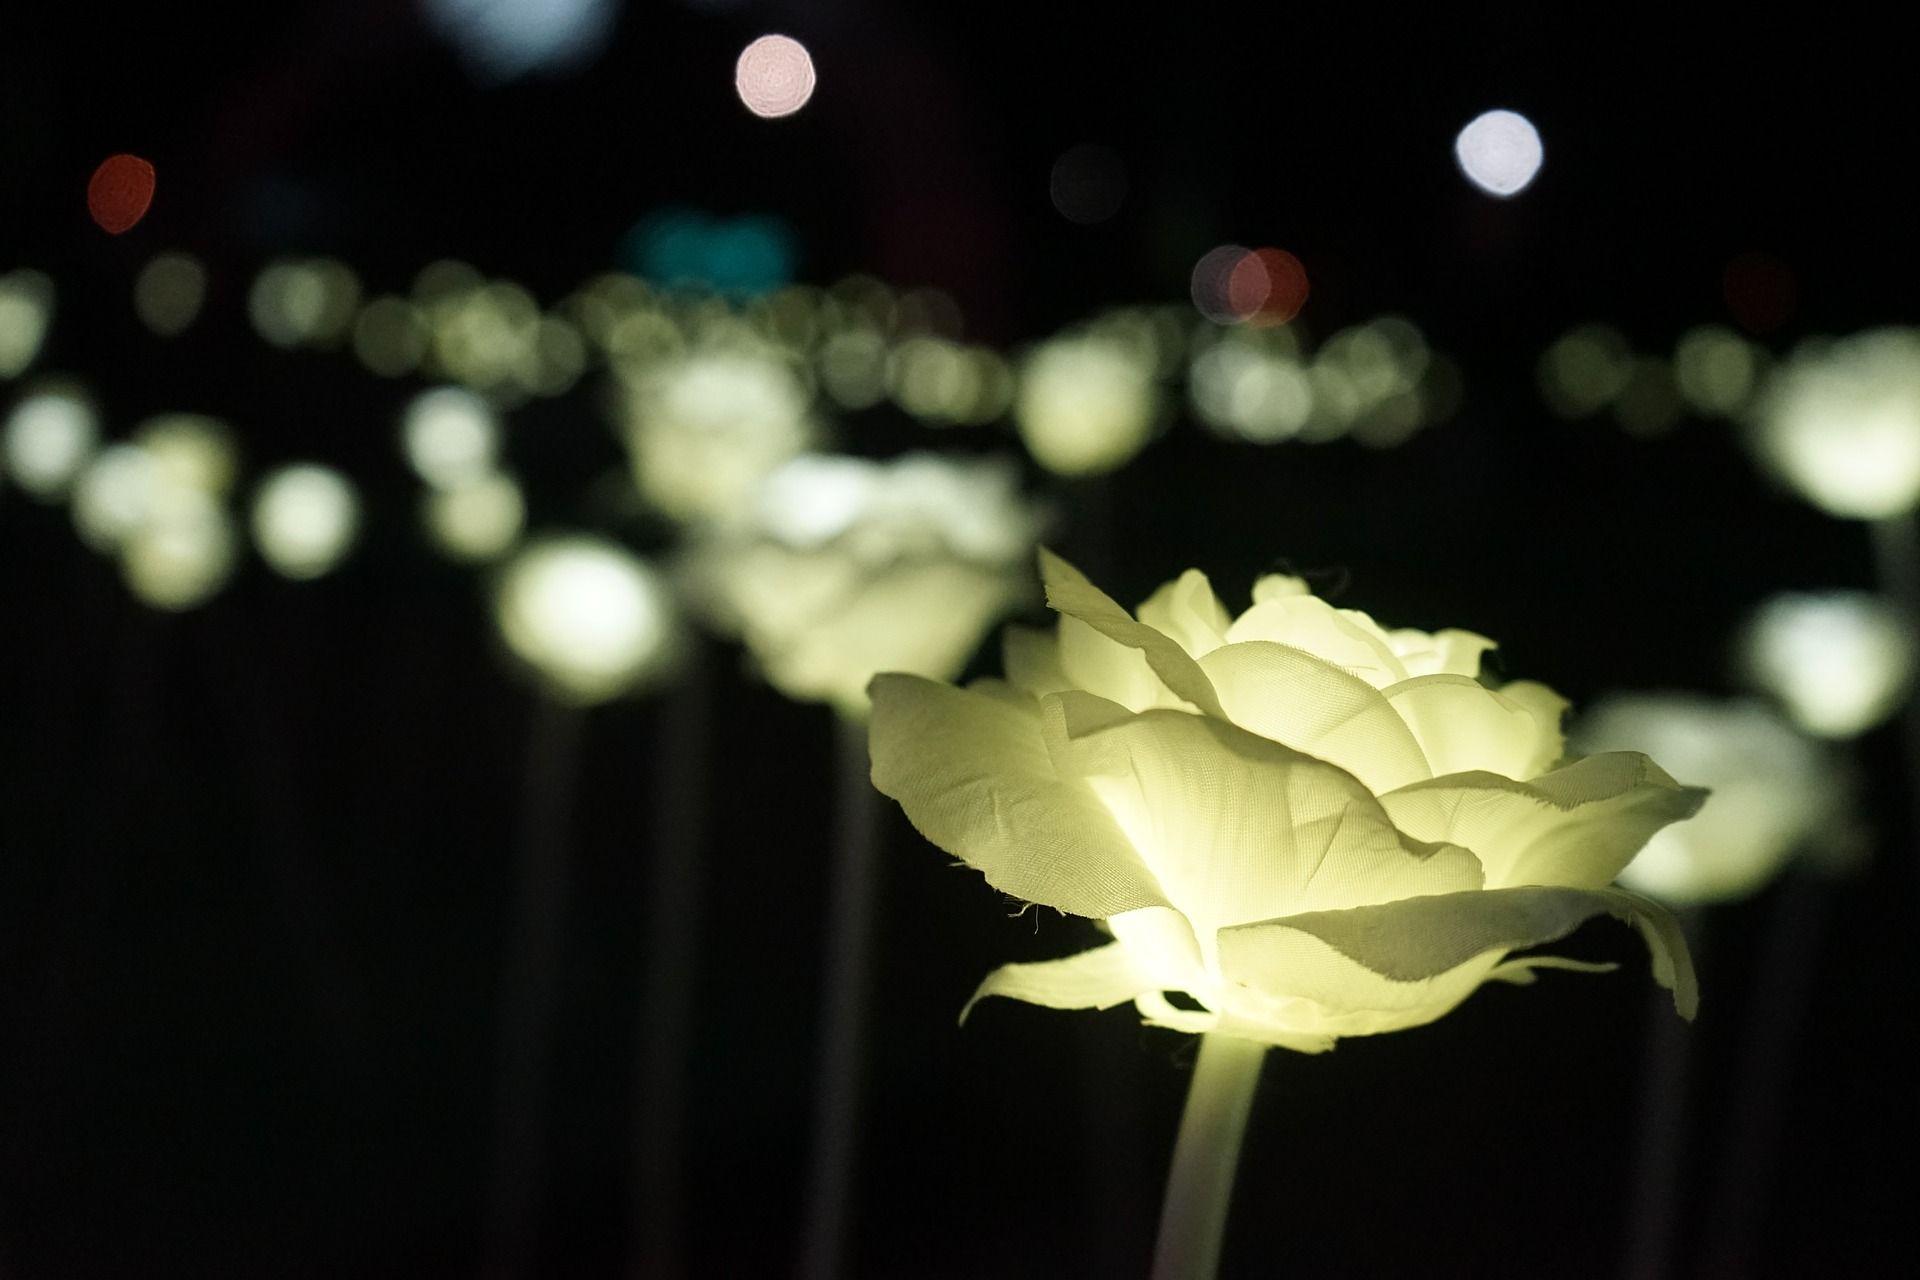 ventajas-iluminacion-sencillas-led